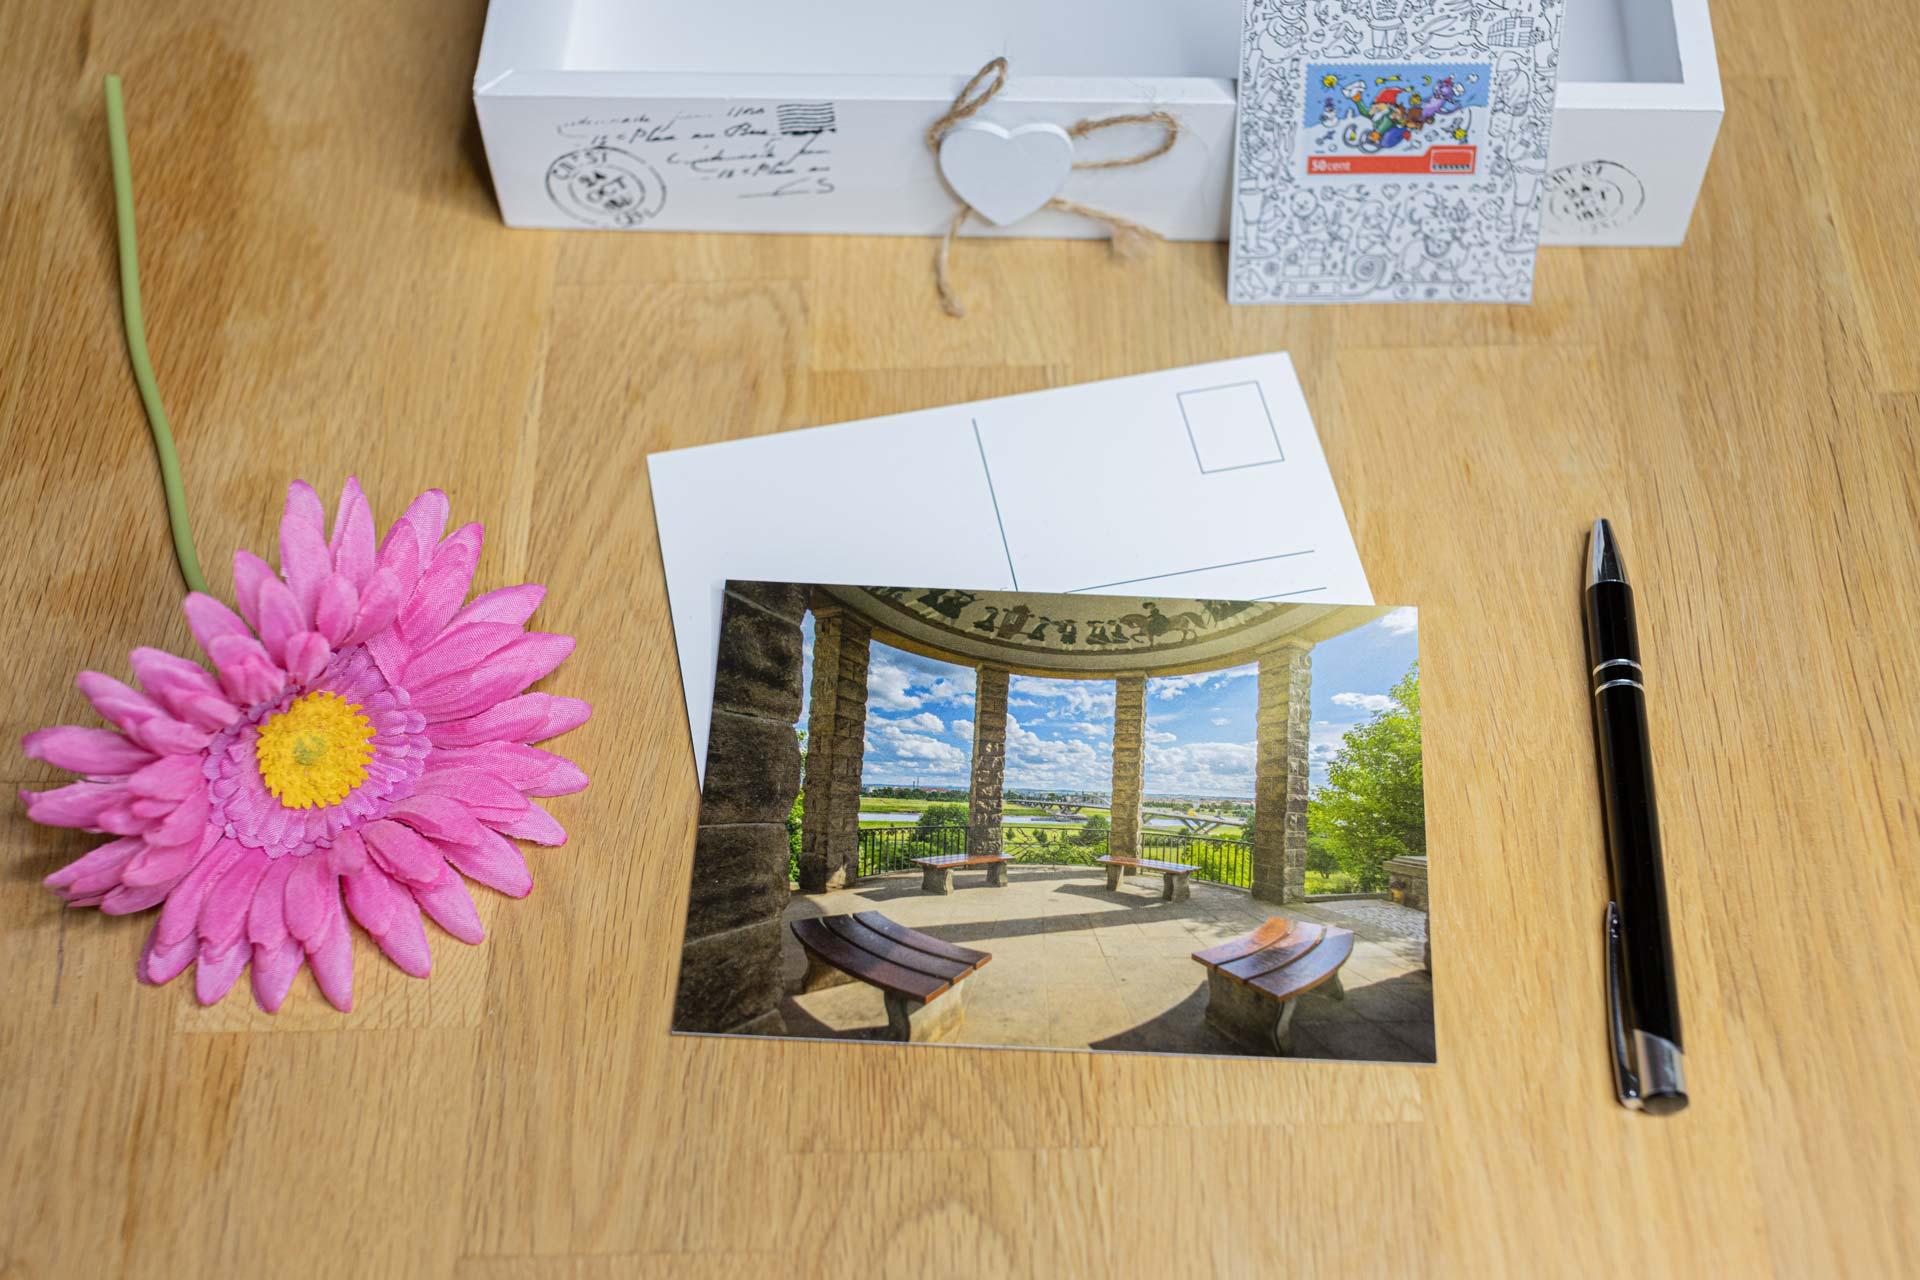 postkarte-dresden-waldschloesschenbruecke-sommer-sachsen-srose-fotografie